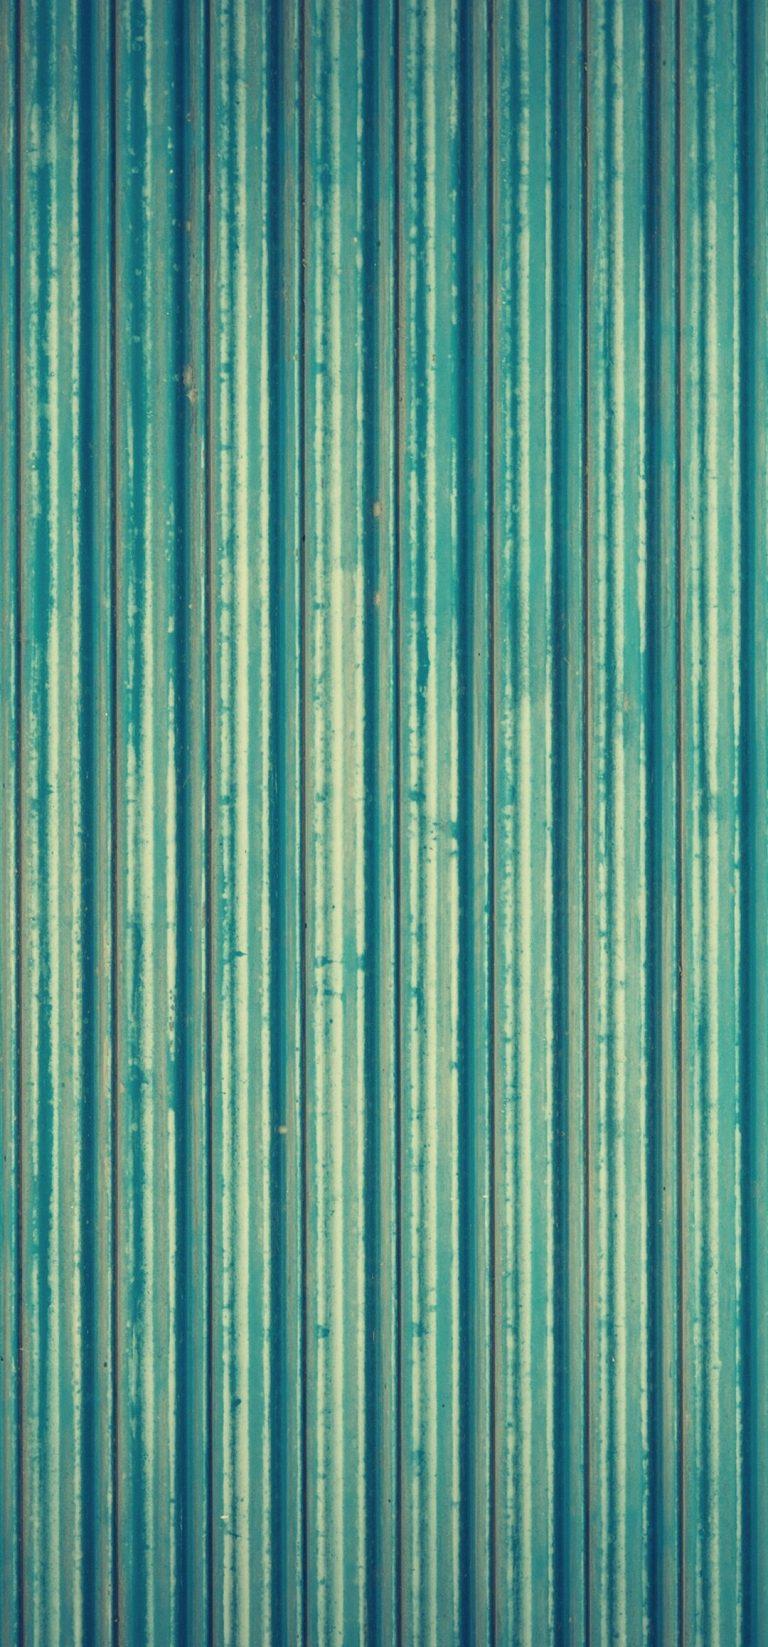 1080x2316 Wallpaper 274 768x1647